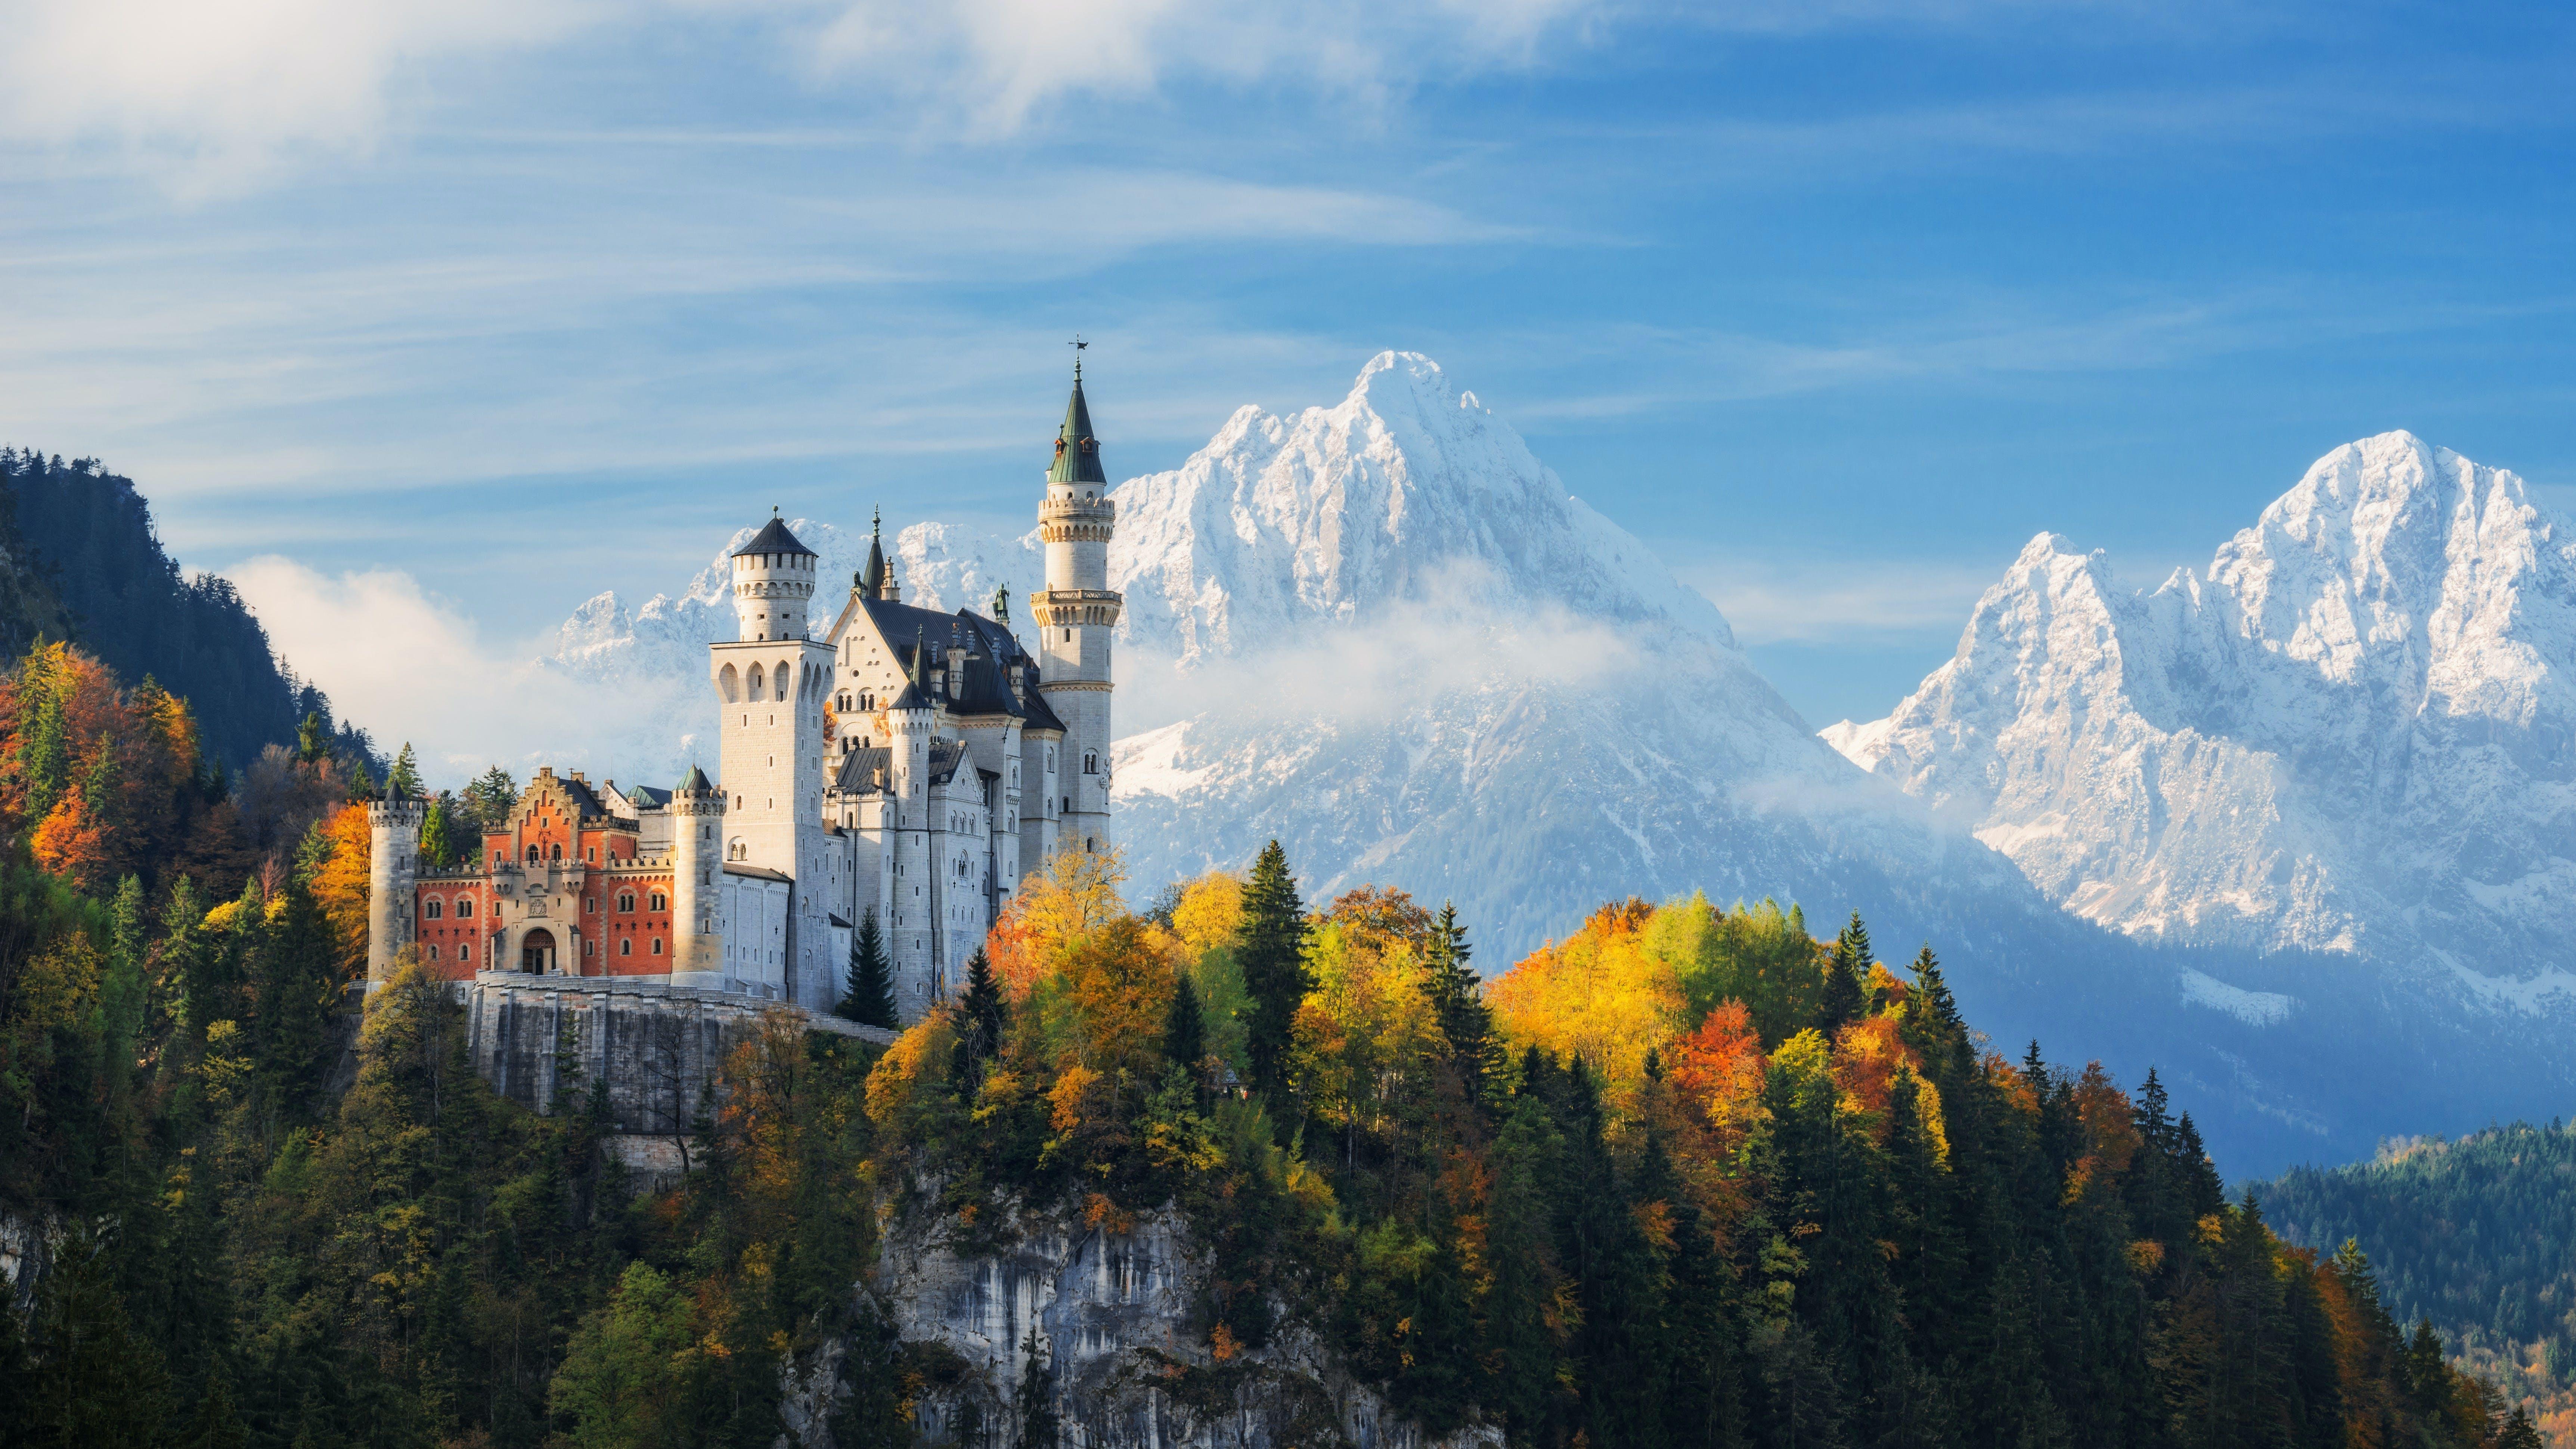 Ver la ciudad,Salir de la ciudad,Tours temáticos,Tours históricos y culturales,Excursiones de un día,Castillo de Neuschwanstein,Con visita a Oberammergau,Tour por los Castillos